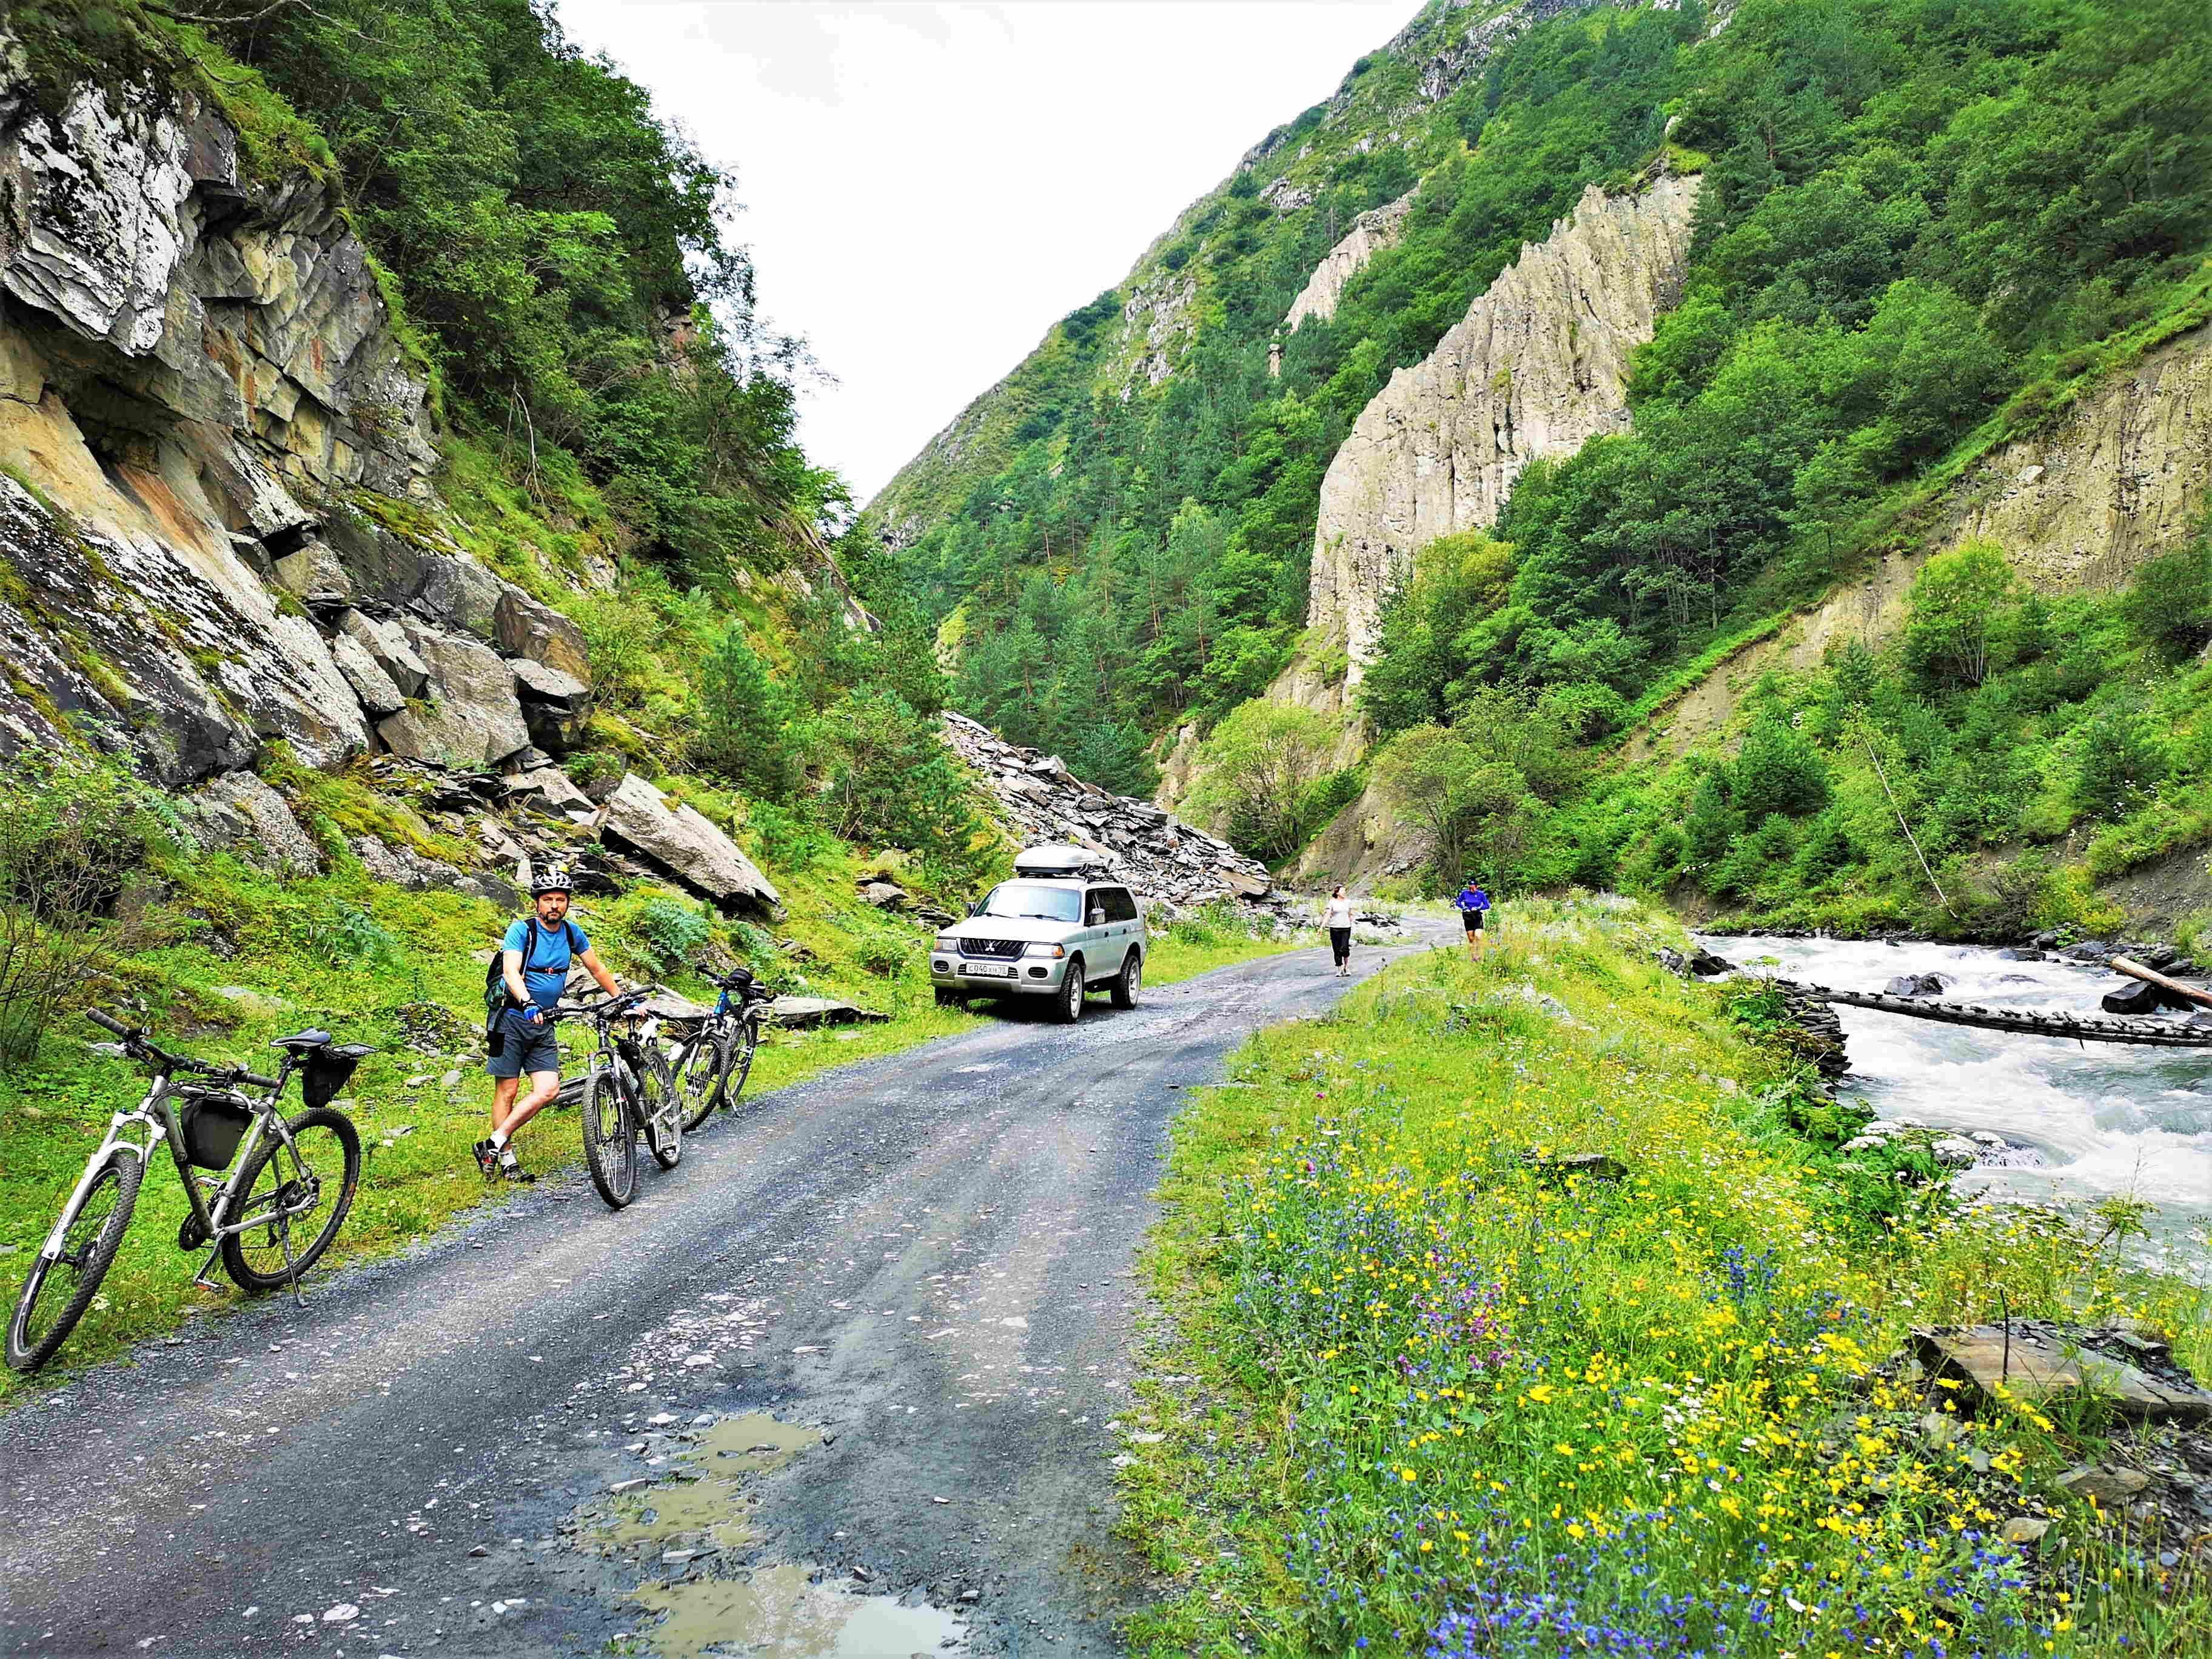 Хевсурети, Аргунское ущелье - идеальное место для велопокатушек, если сможете добраться.